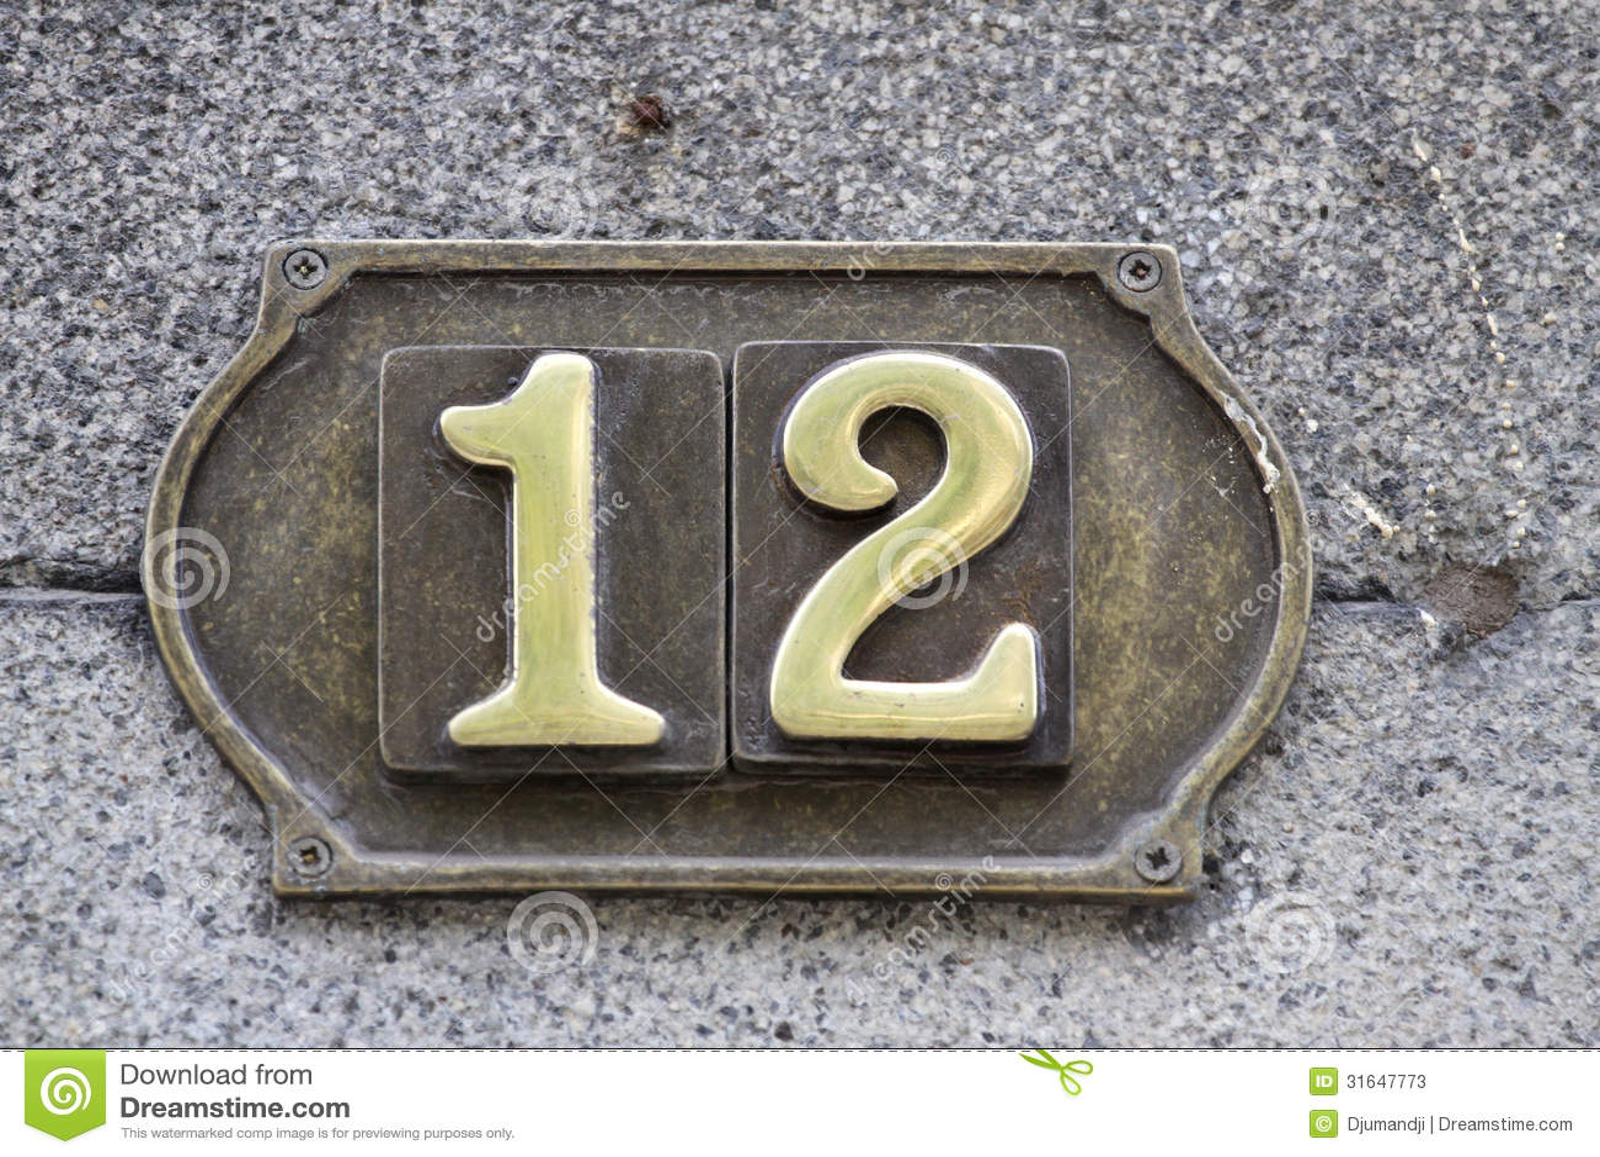 number 12 stock photos